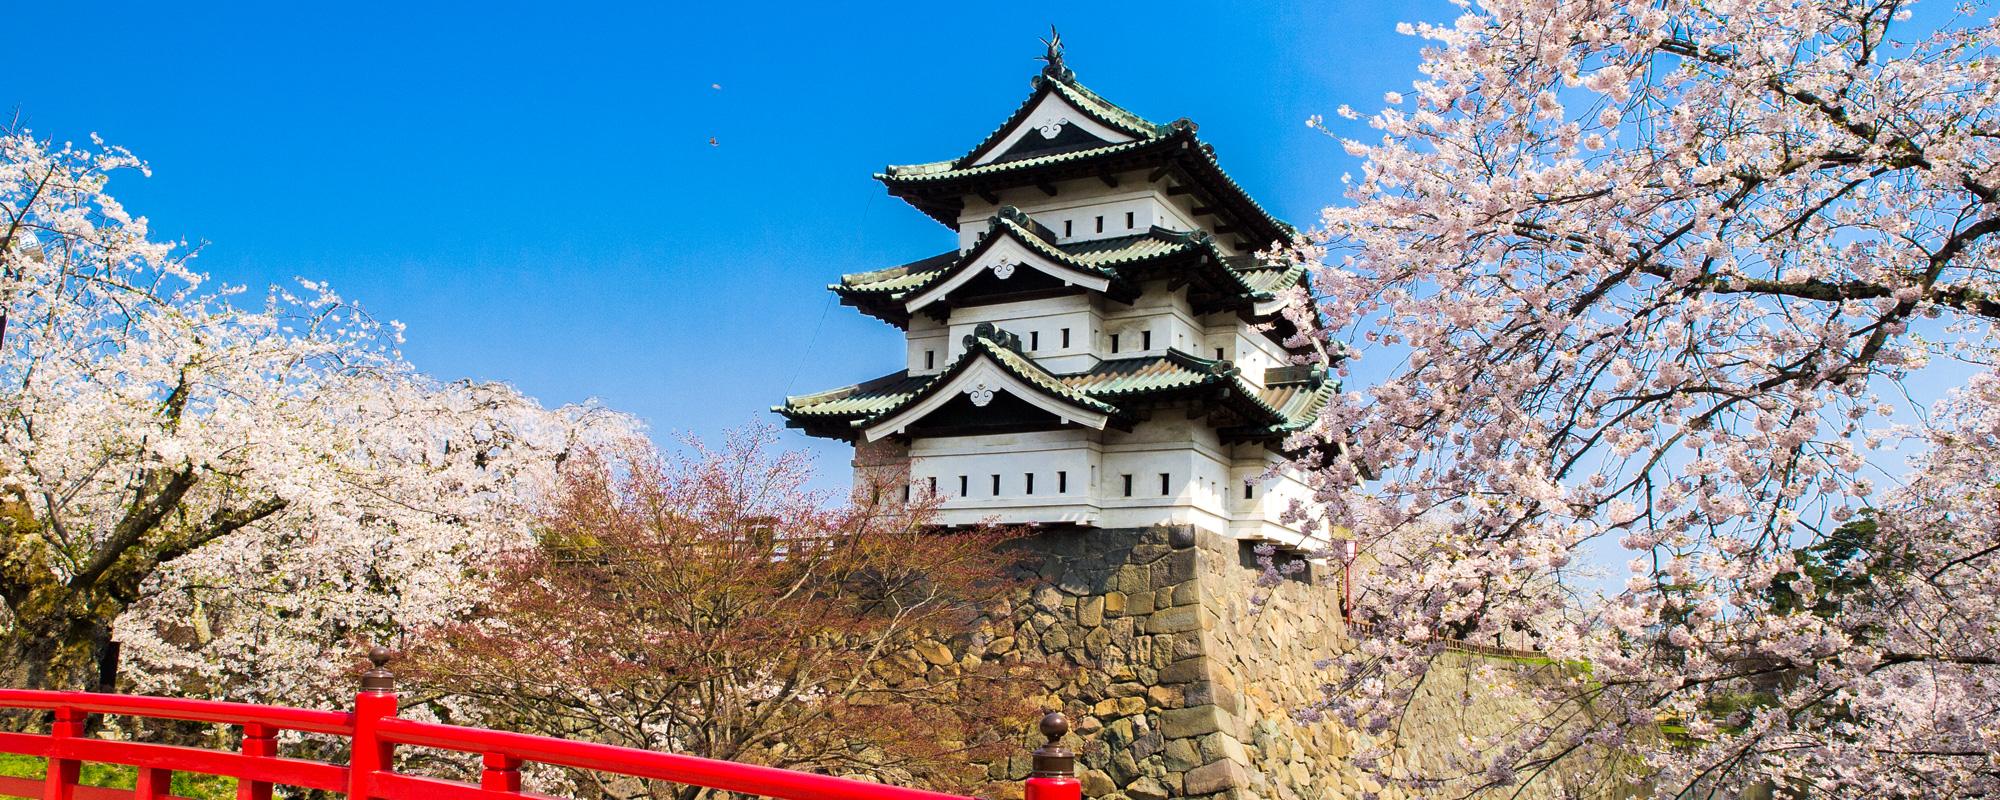 弘前公園 弘前城